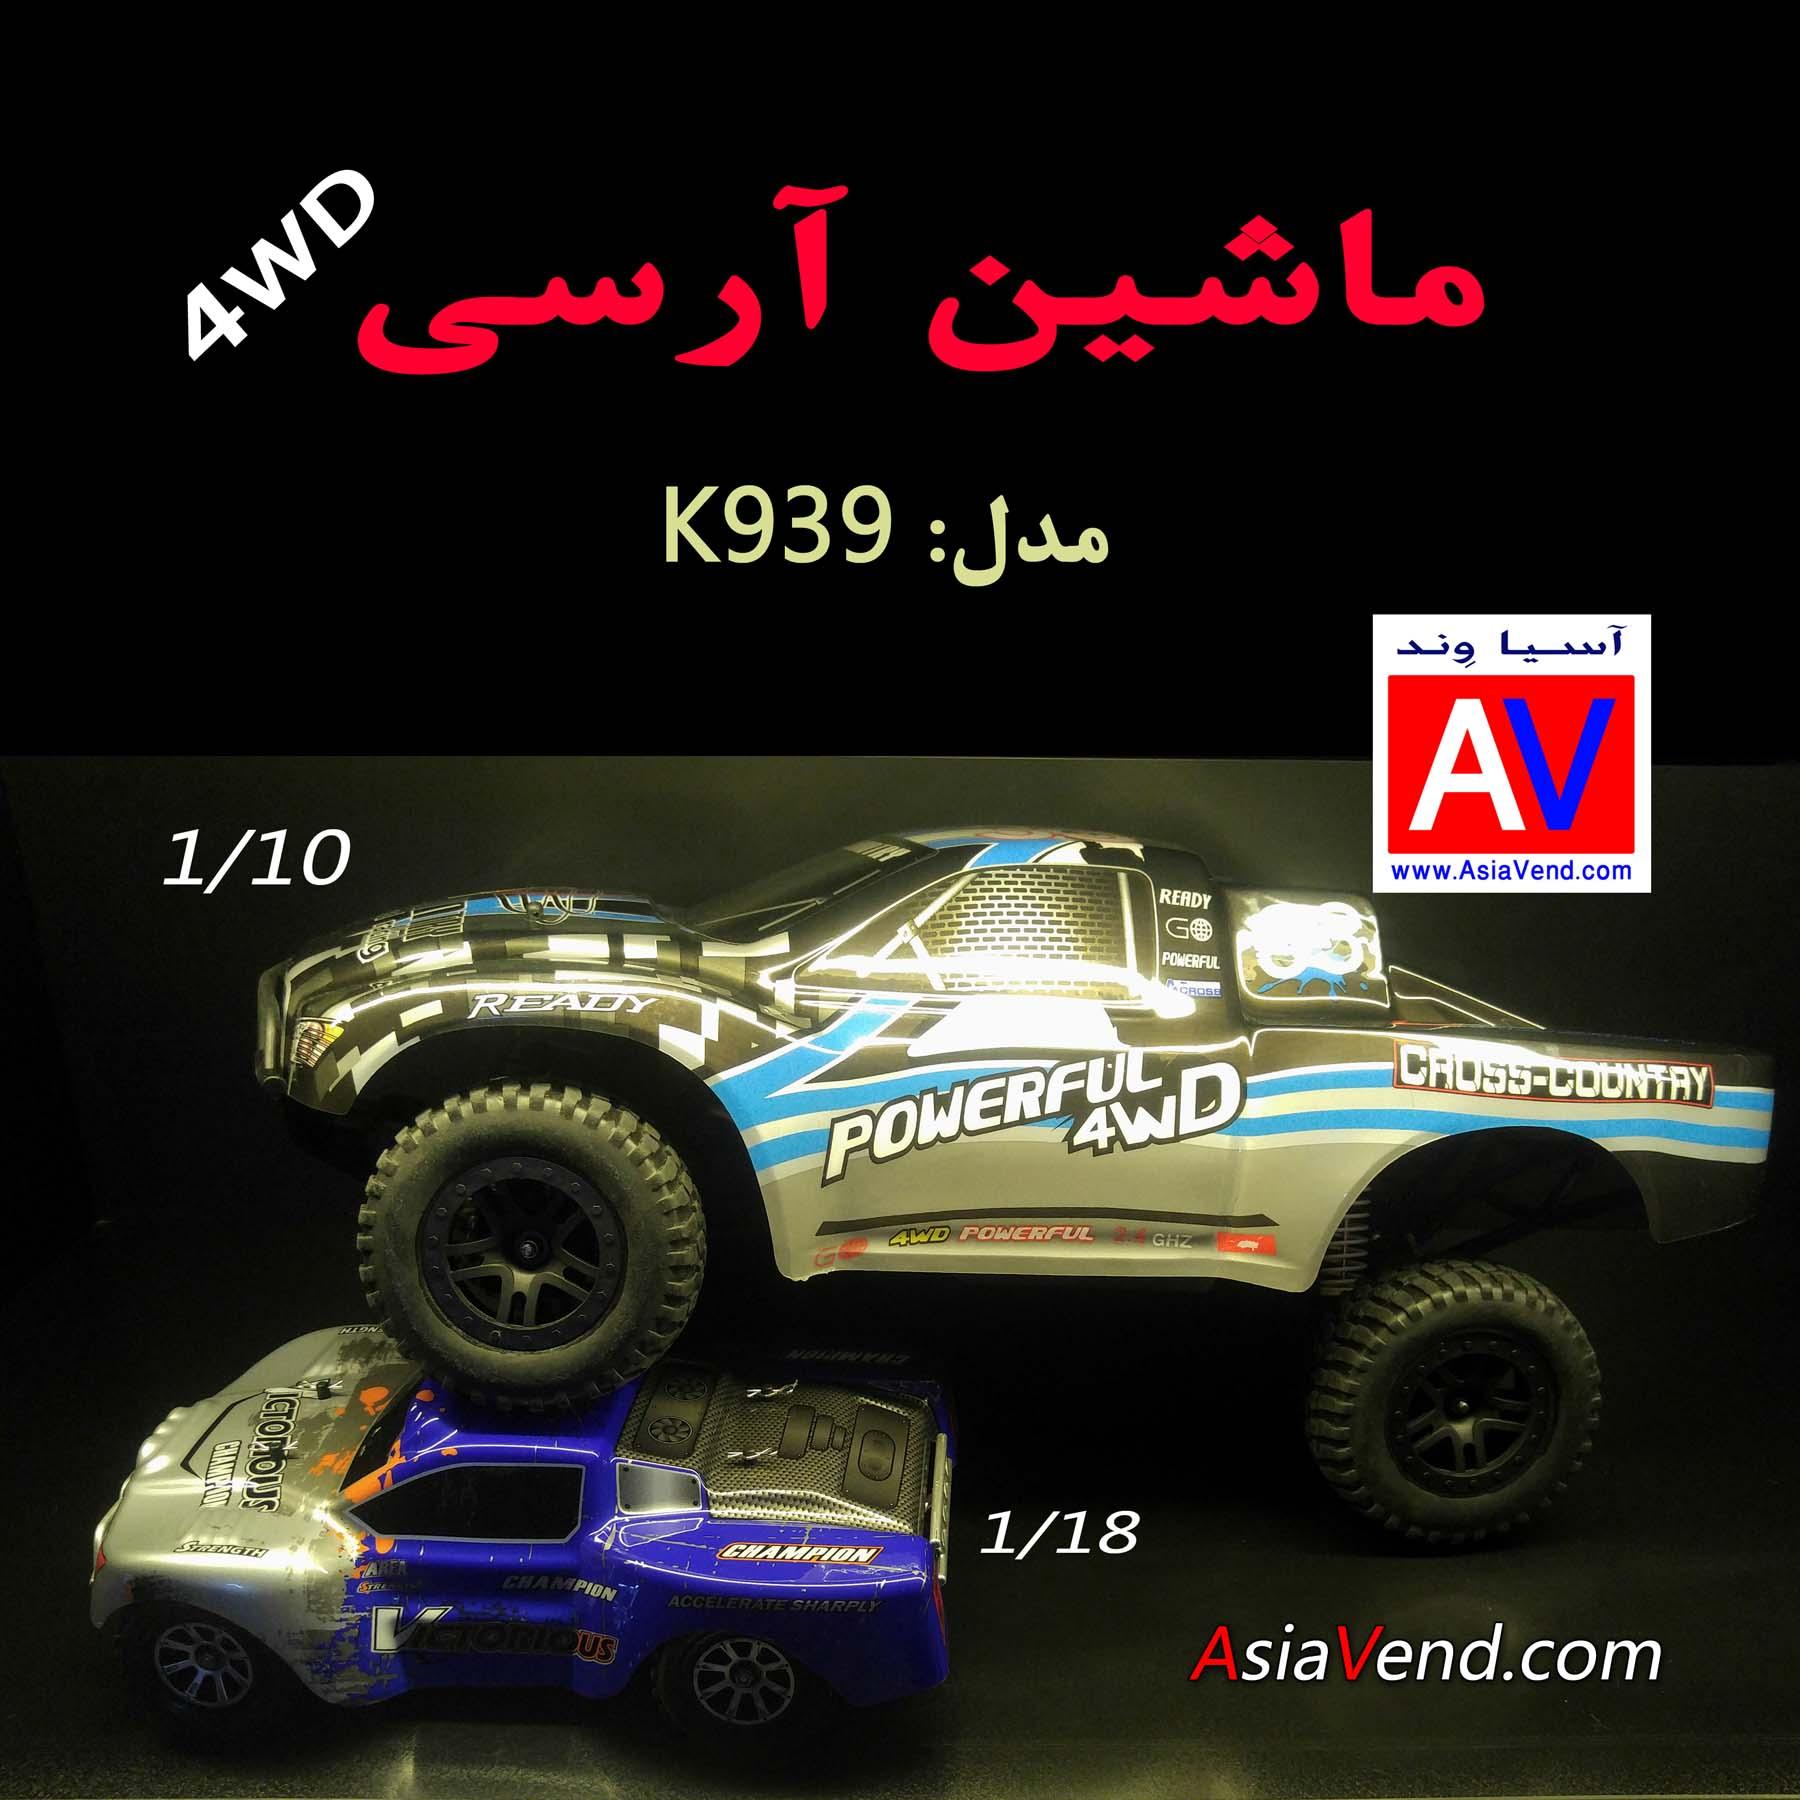 ماشین آرسی آسیاوند ماشین کنترلی آفرود مدل Wltoys K939